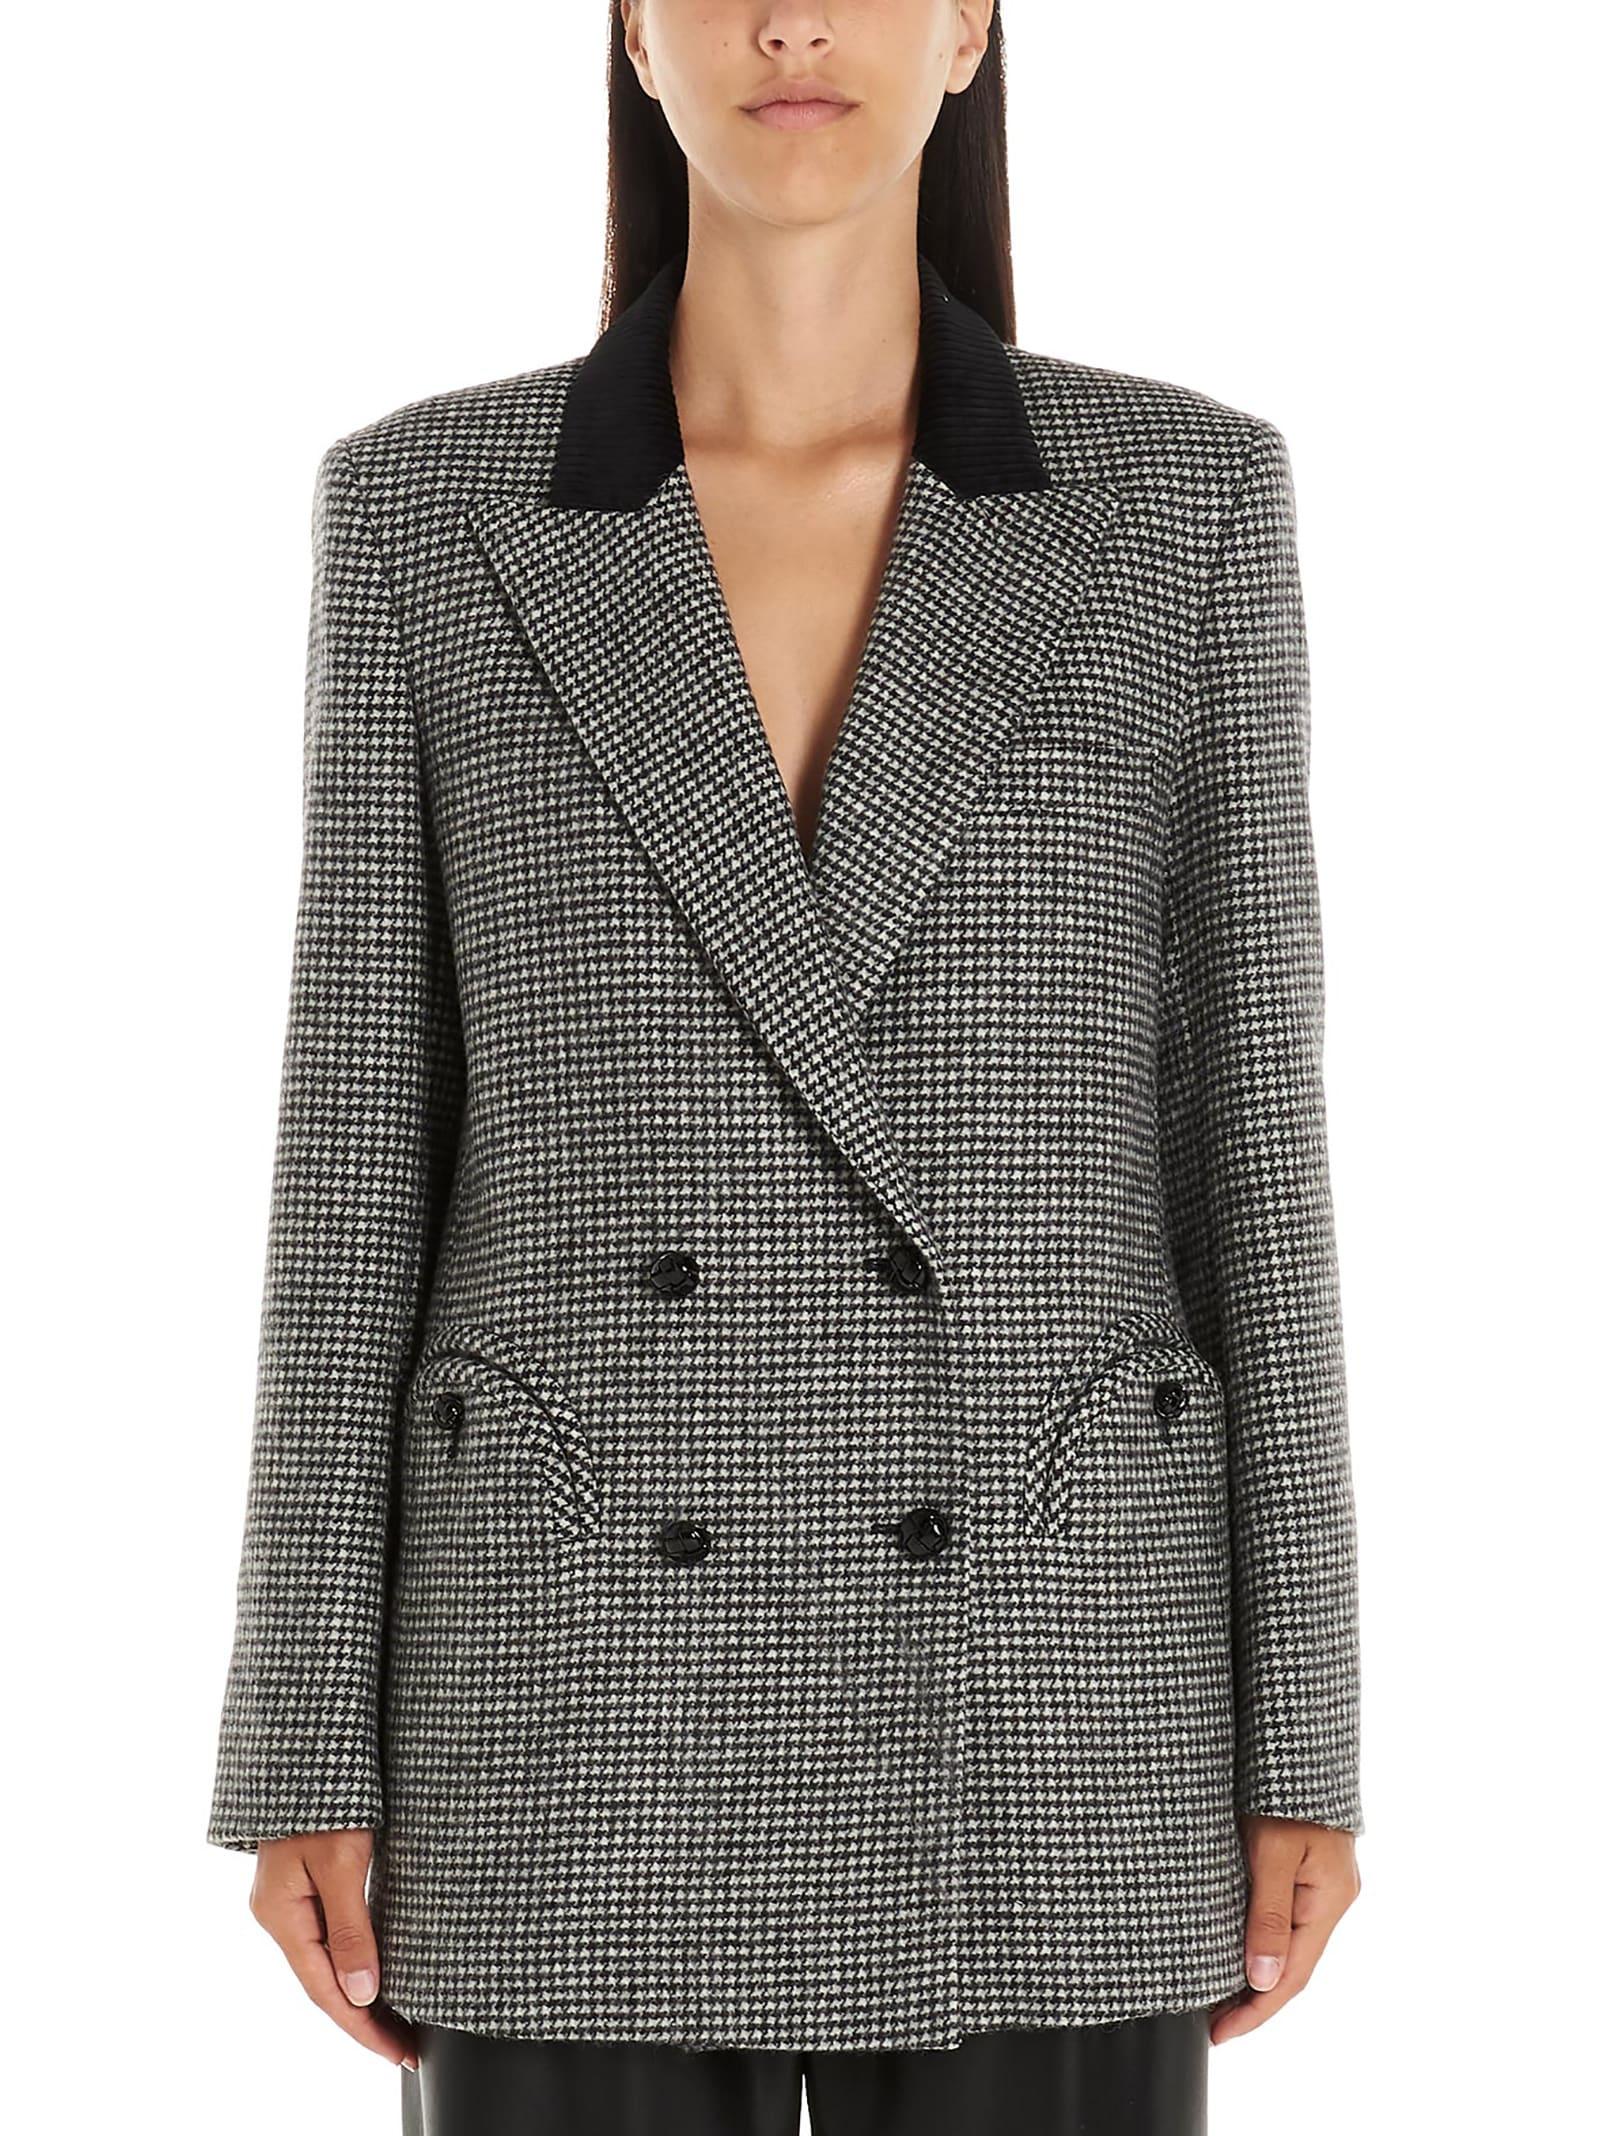 Blazé Milano kismet Everyday Jacket